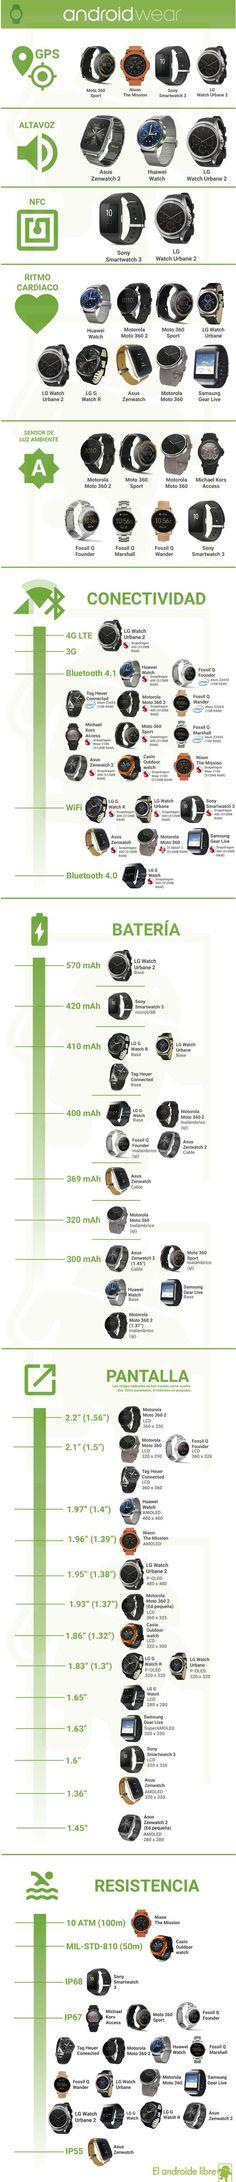 Hola: Una infografía sobre Smartwatches Android. Vía Un saludo